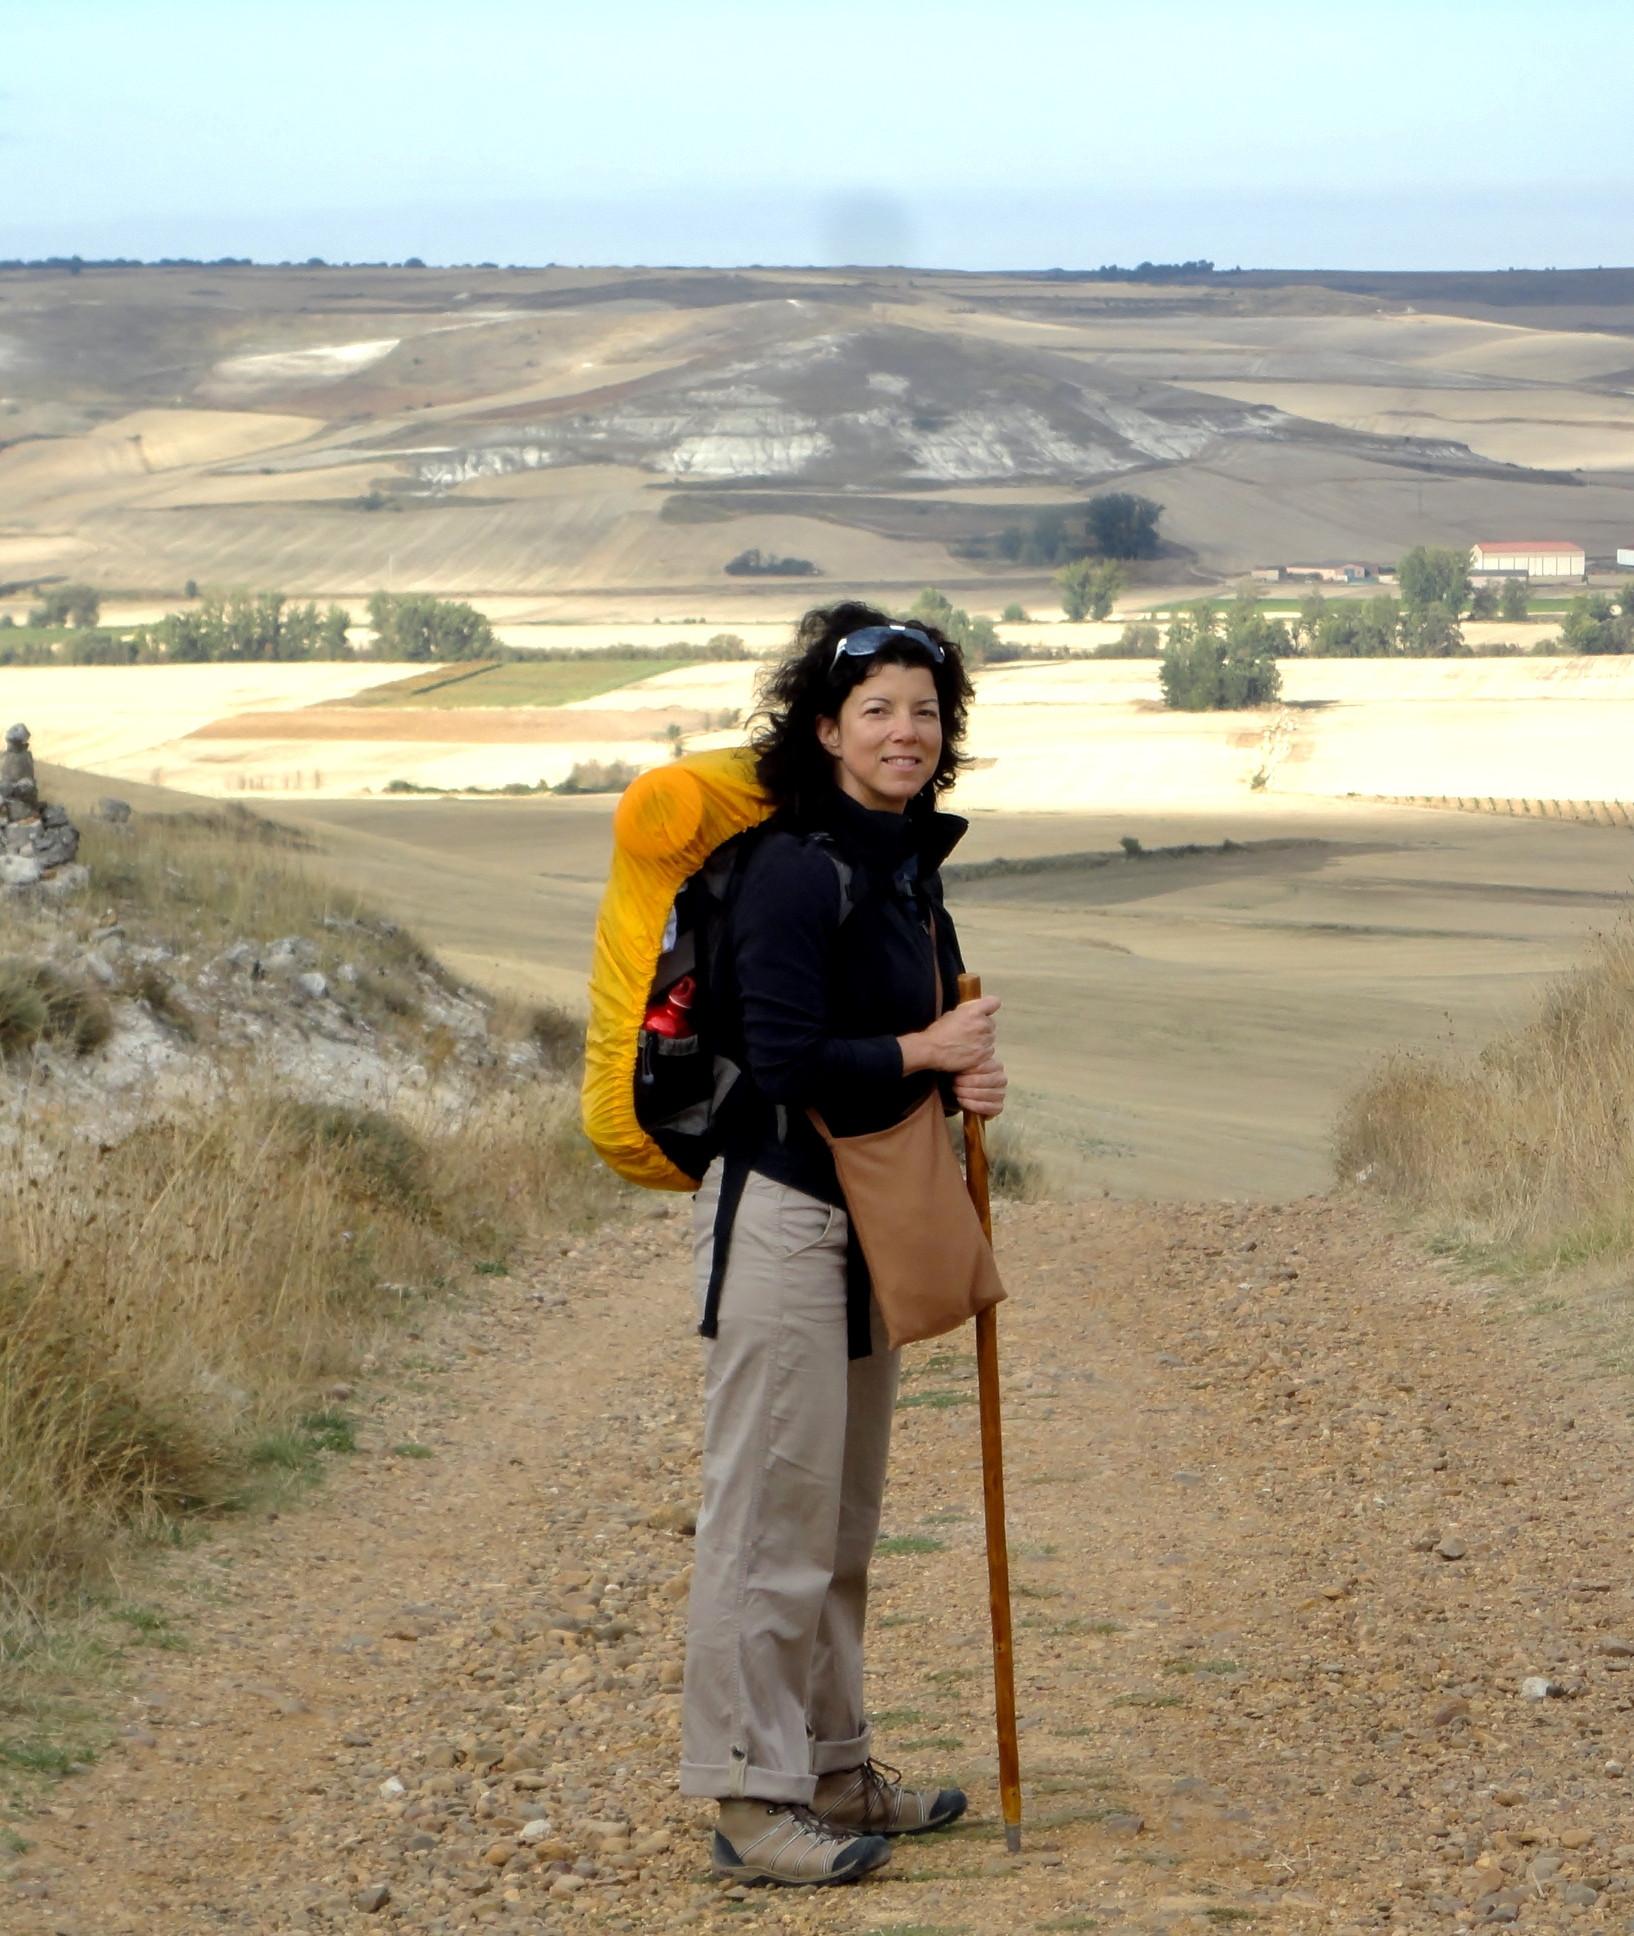 El Camino Adventure - Information Call